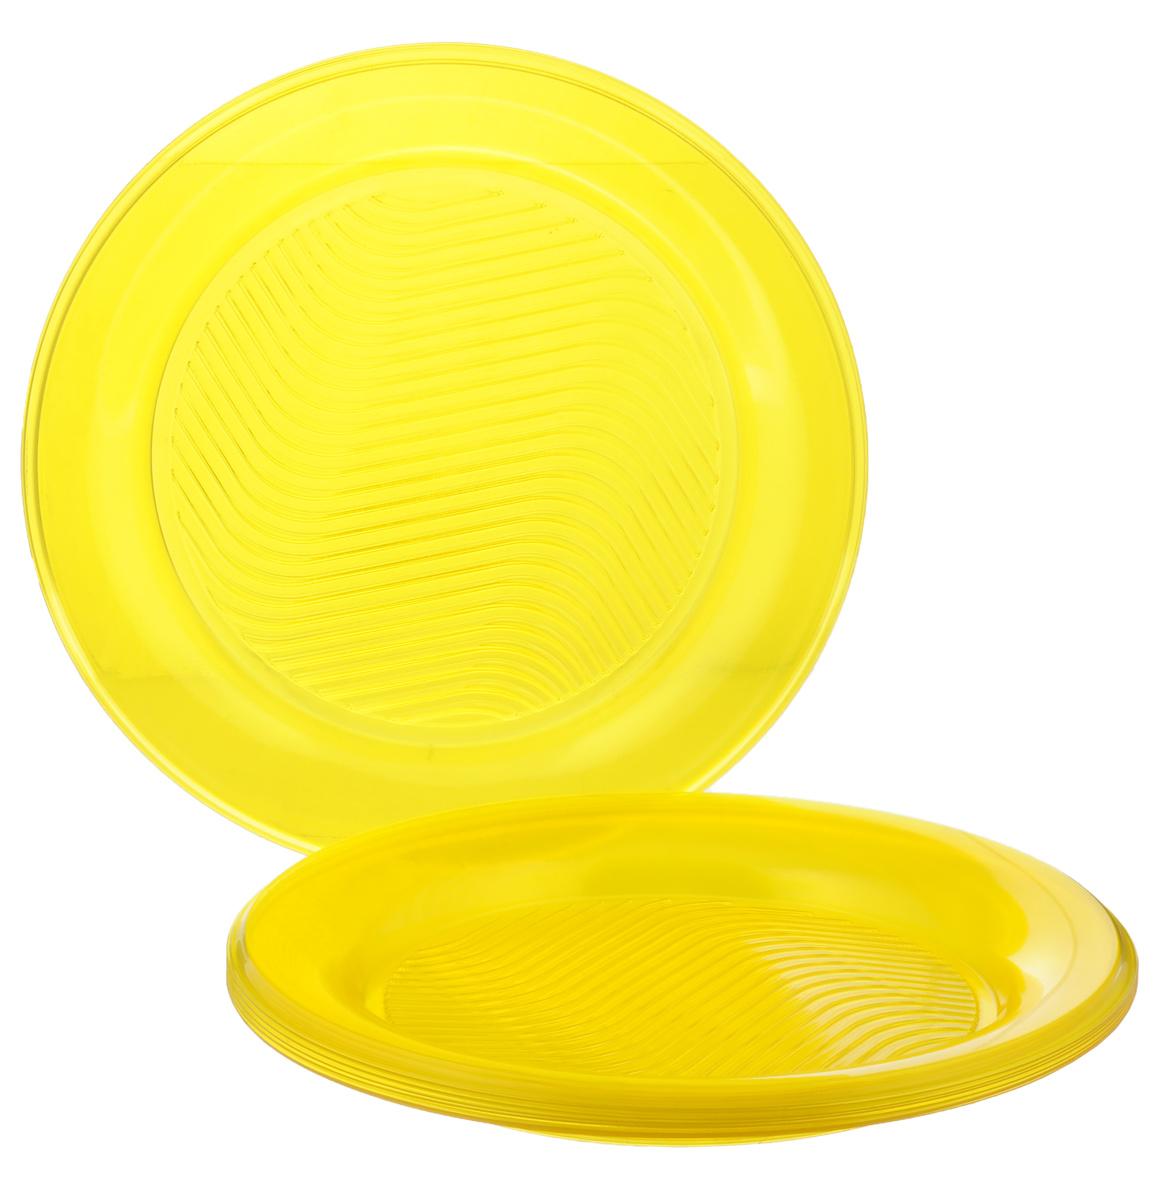 Набор одноразовых тарелок Bibo Super Party, цвет: желтый, диаметр 20,5 см, 10 штПОС08988Набор Bibo Super Party состоит из 10 круглых тарелок, выполненных из высококачественного пластика и предназначенных для одноразового использования. Изделия декорированы рельефным узором.Одноразовые тарелки будут незаменимы при поездках на природу, пикниках и других мероприятиях. Они не займут много места, легки и самое главное - после использования их не надо мыть.Диаметр тарелки: 20,5 см.Высота тарелки: 1,5 см.